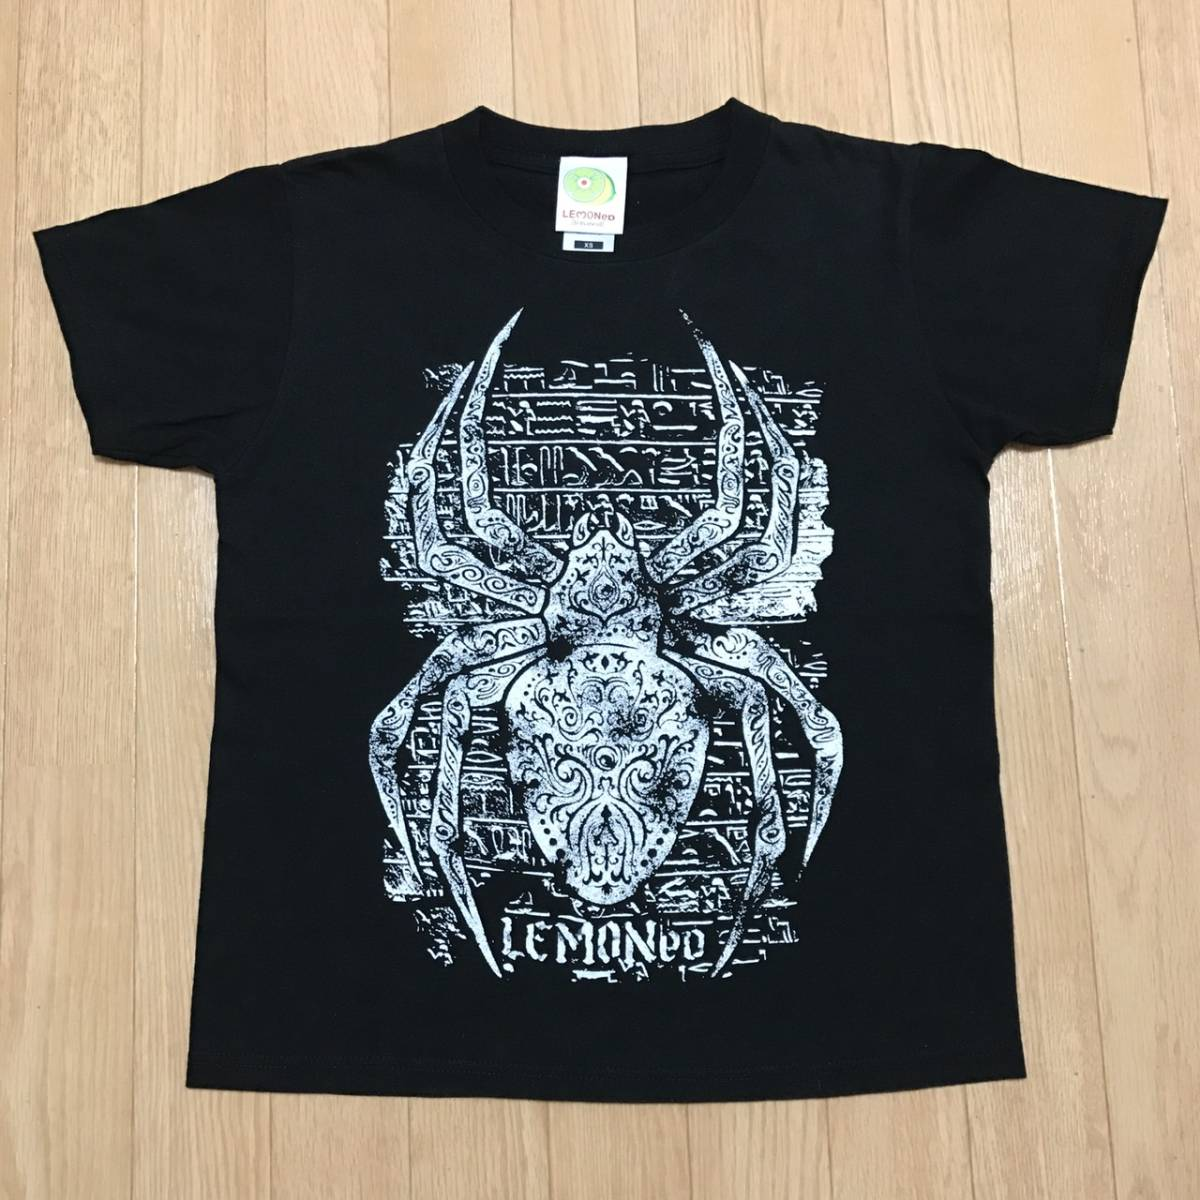 ■LEMONed hide X JAPAN■Tシャツ■黒 ブラック■レモネード ヒデ ジルチ cd dvd